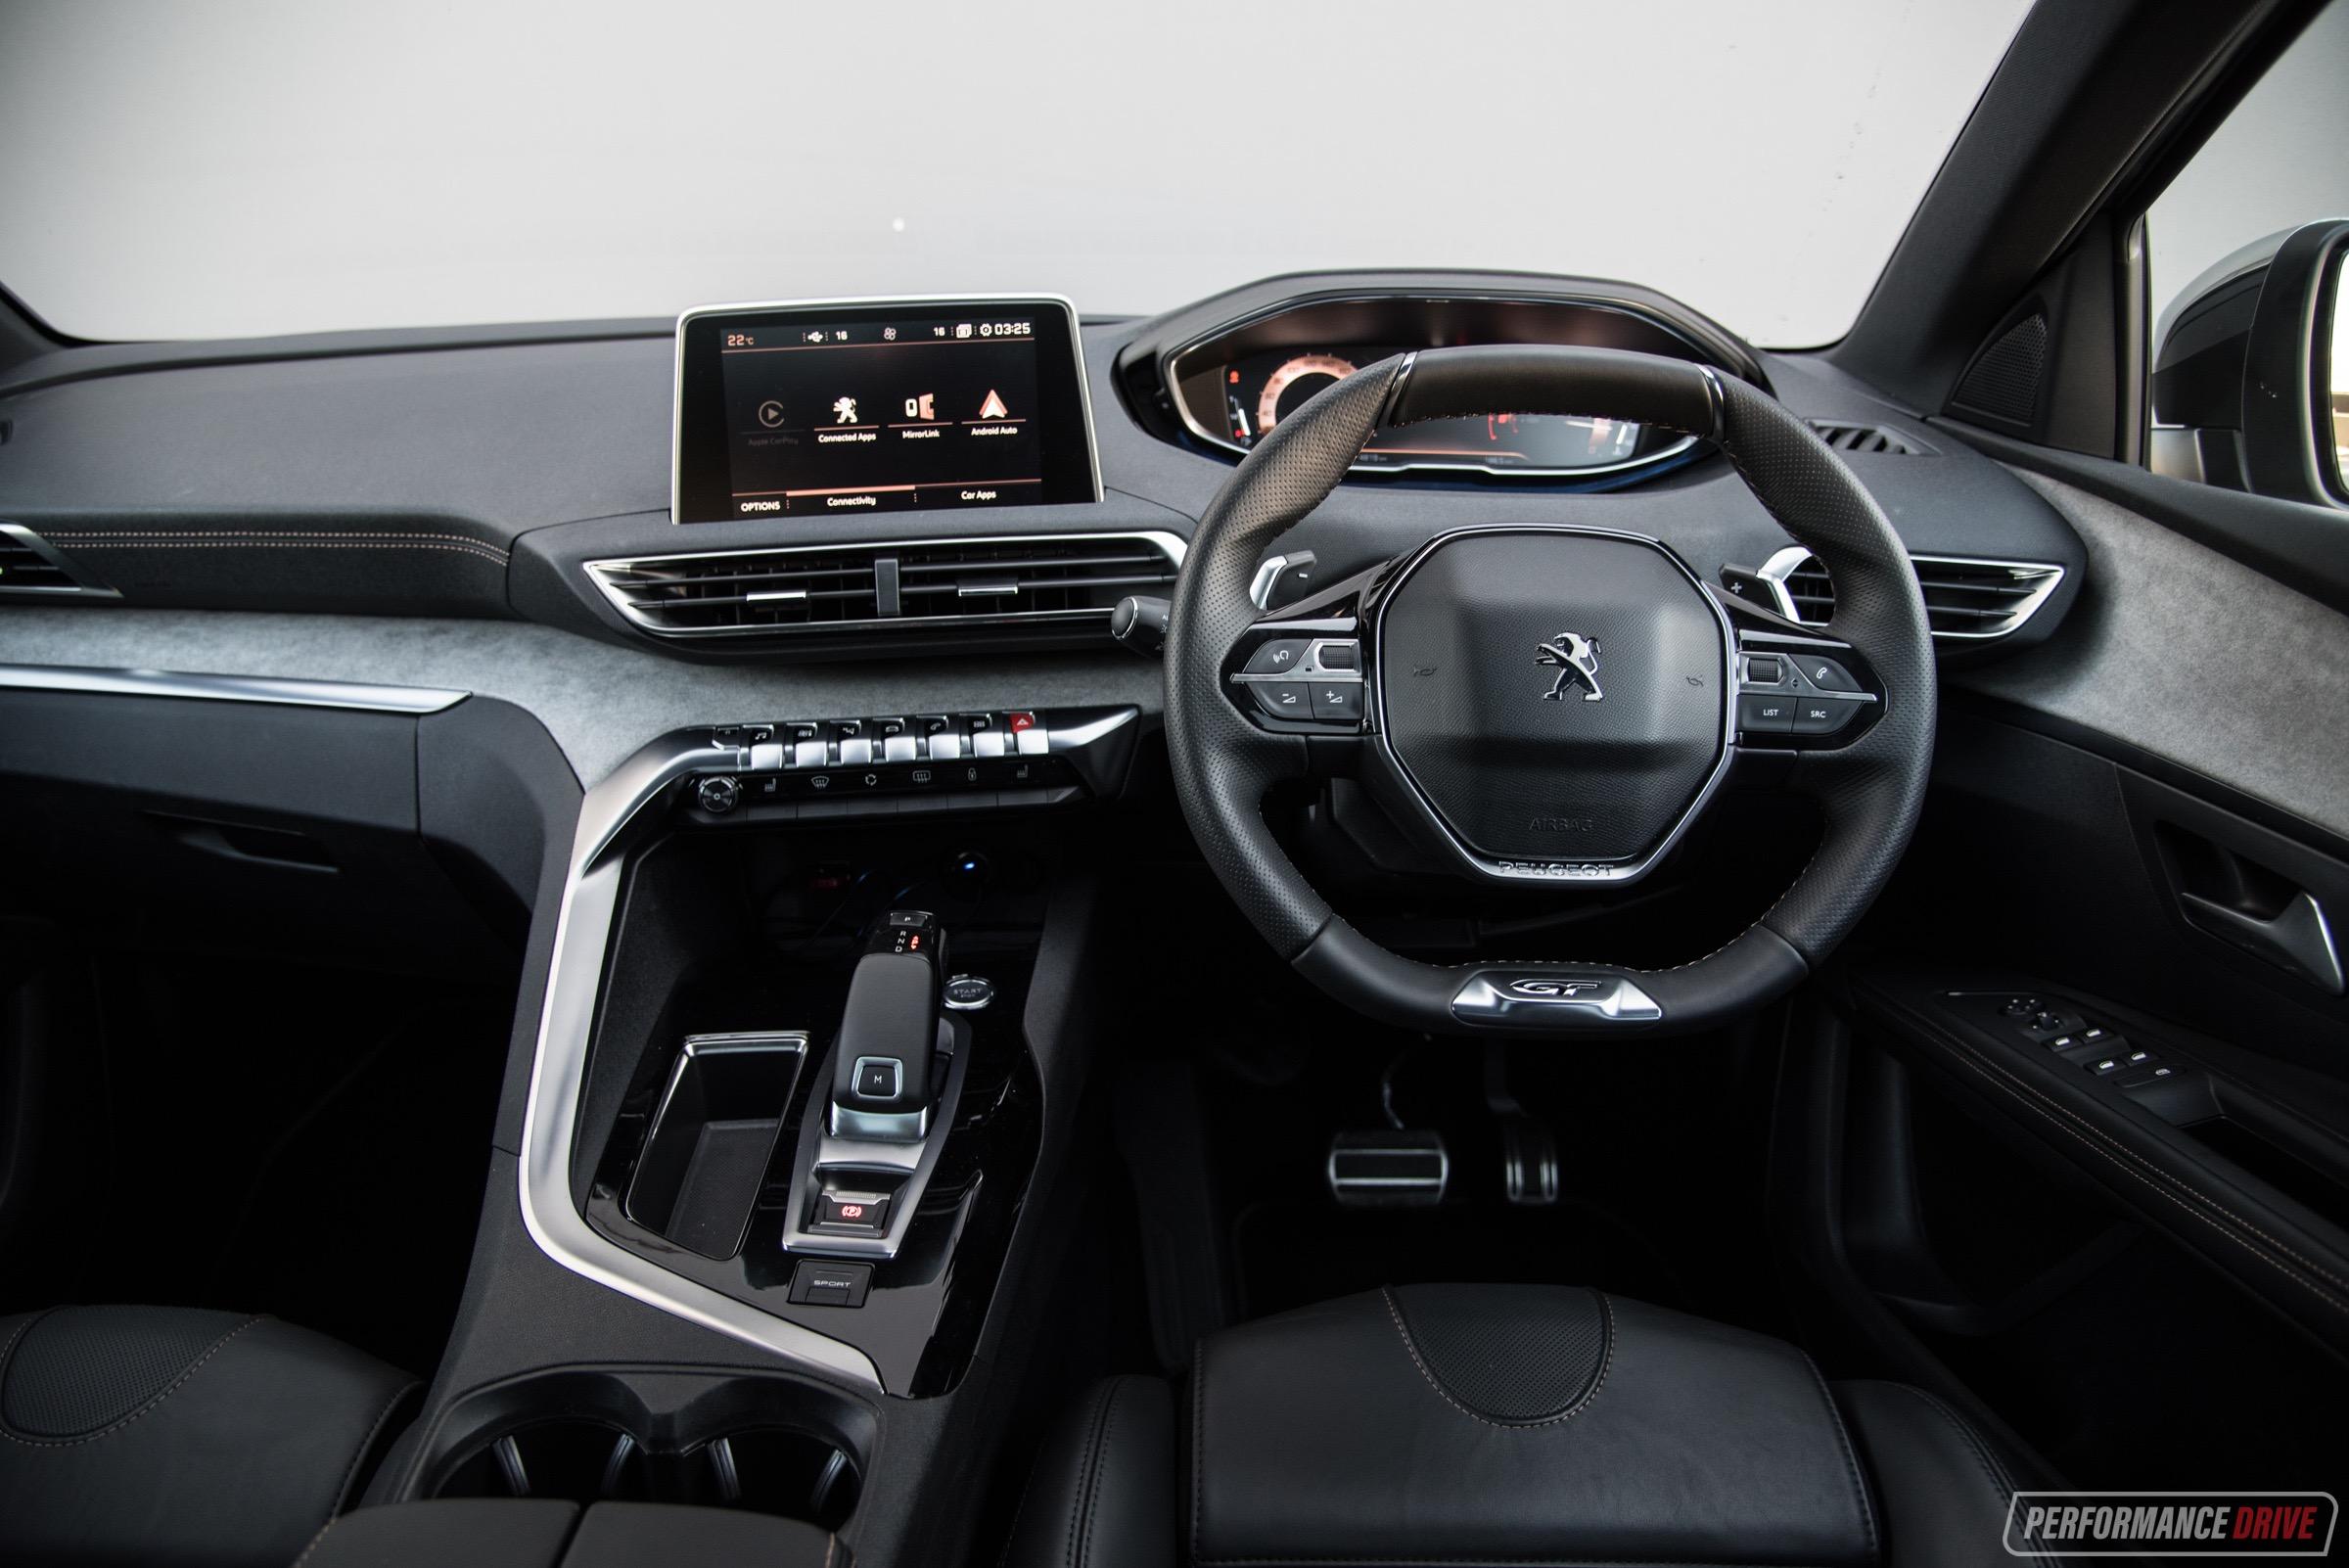 2018 Peugeot 5008 GT diesel review (video) | PerformanceDrive